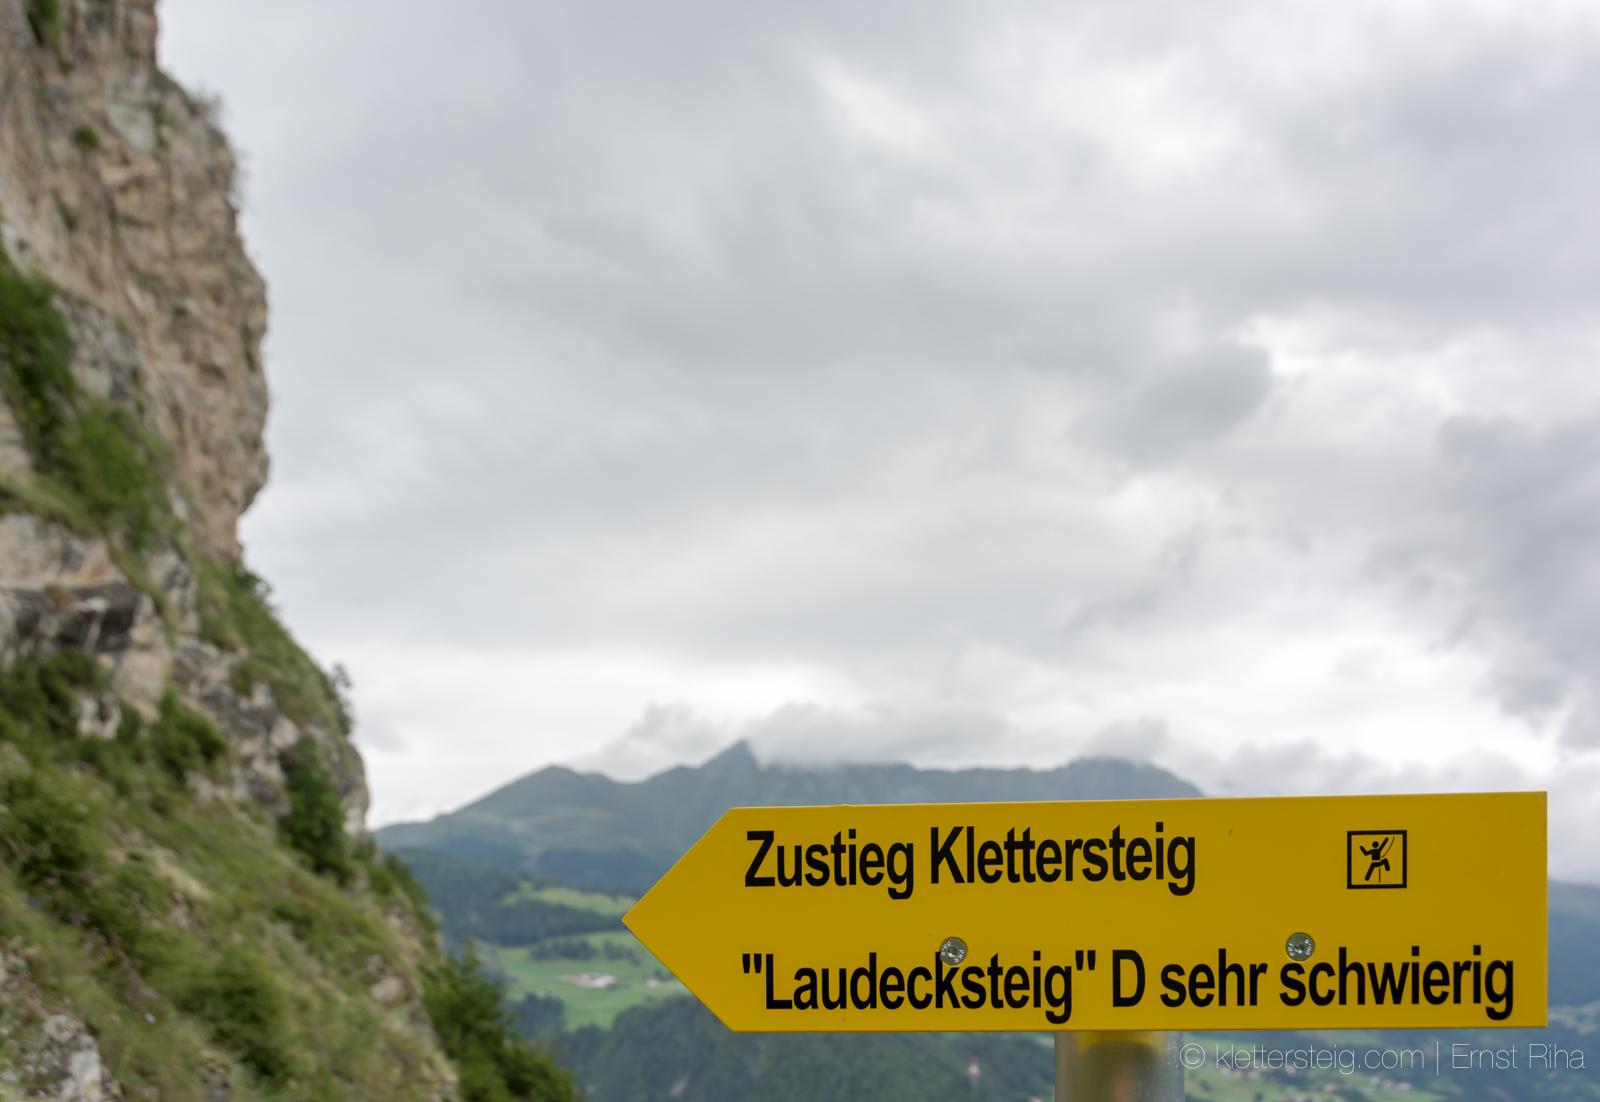 Klettersteig Quarzit Wand Burg Laudeck : Juli prutz ladis runde klettersteige